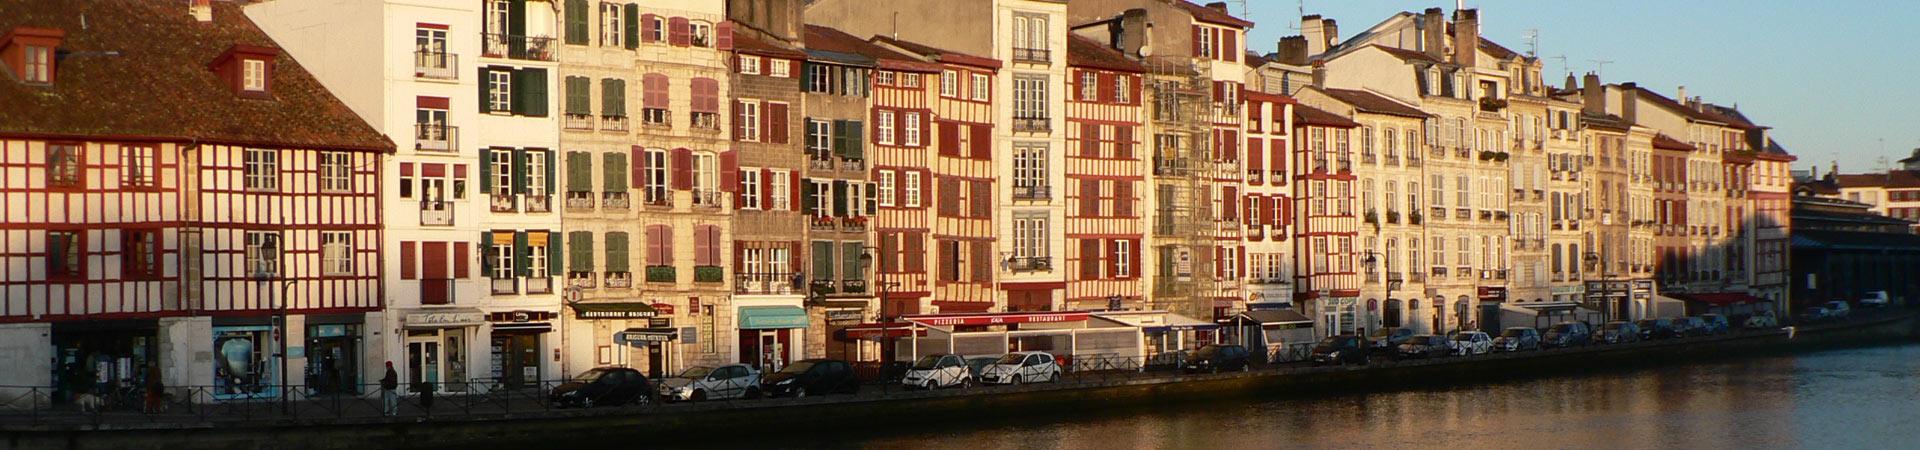 bureau de change biarritz bureau de change biarritz 28 images no 1 currency exchange gloucester. Black Bedroom Furniture Sets. Home Design Ideas